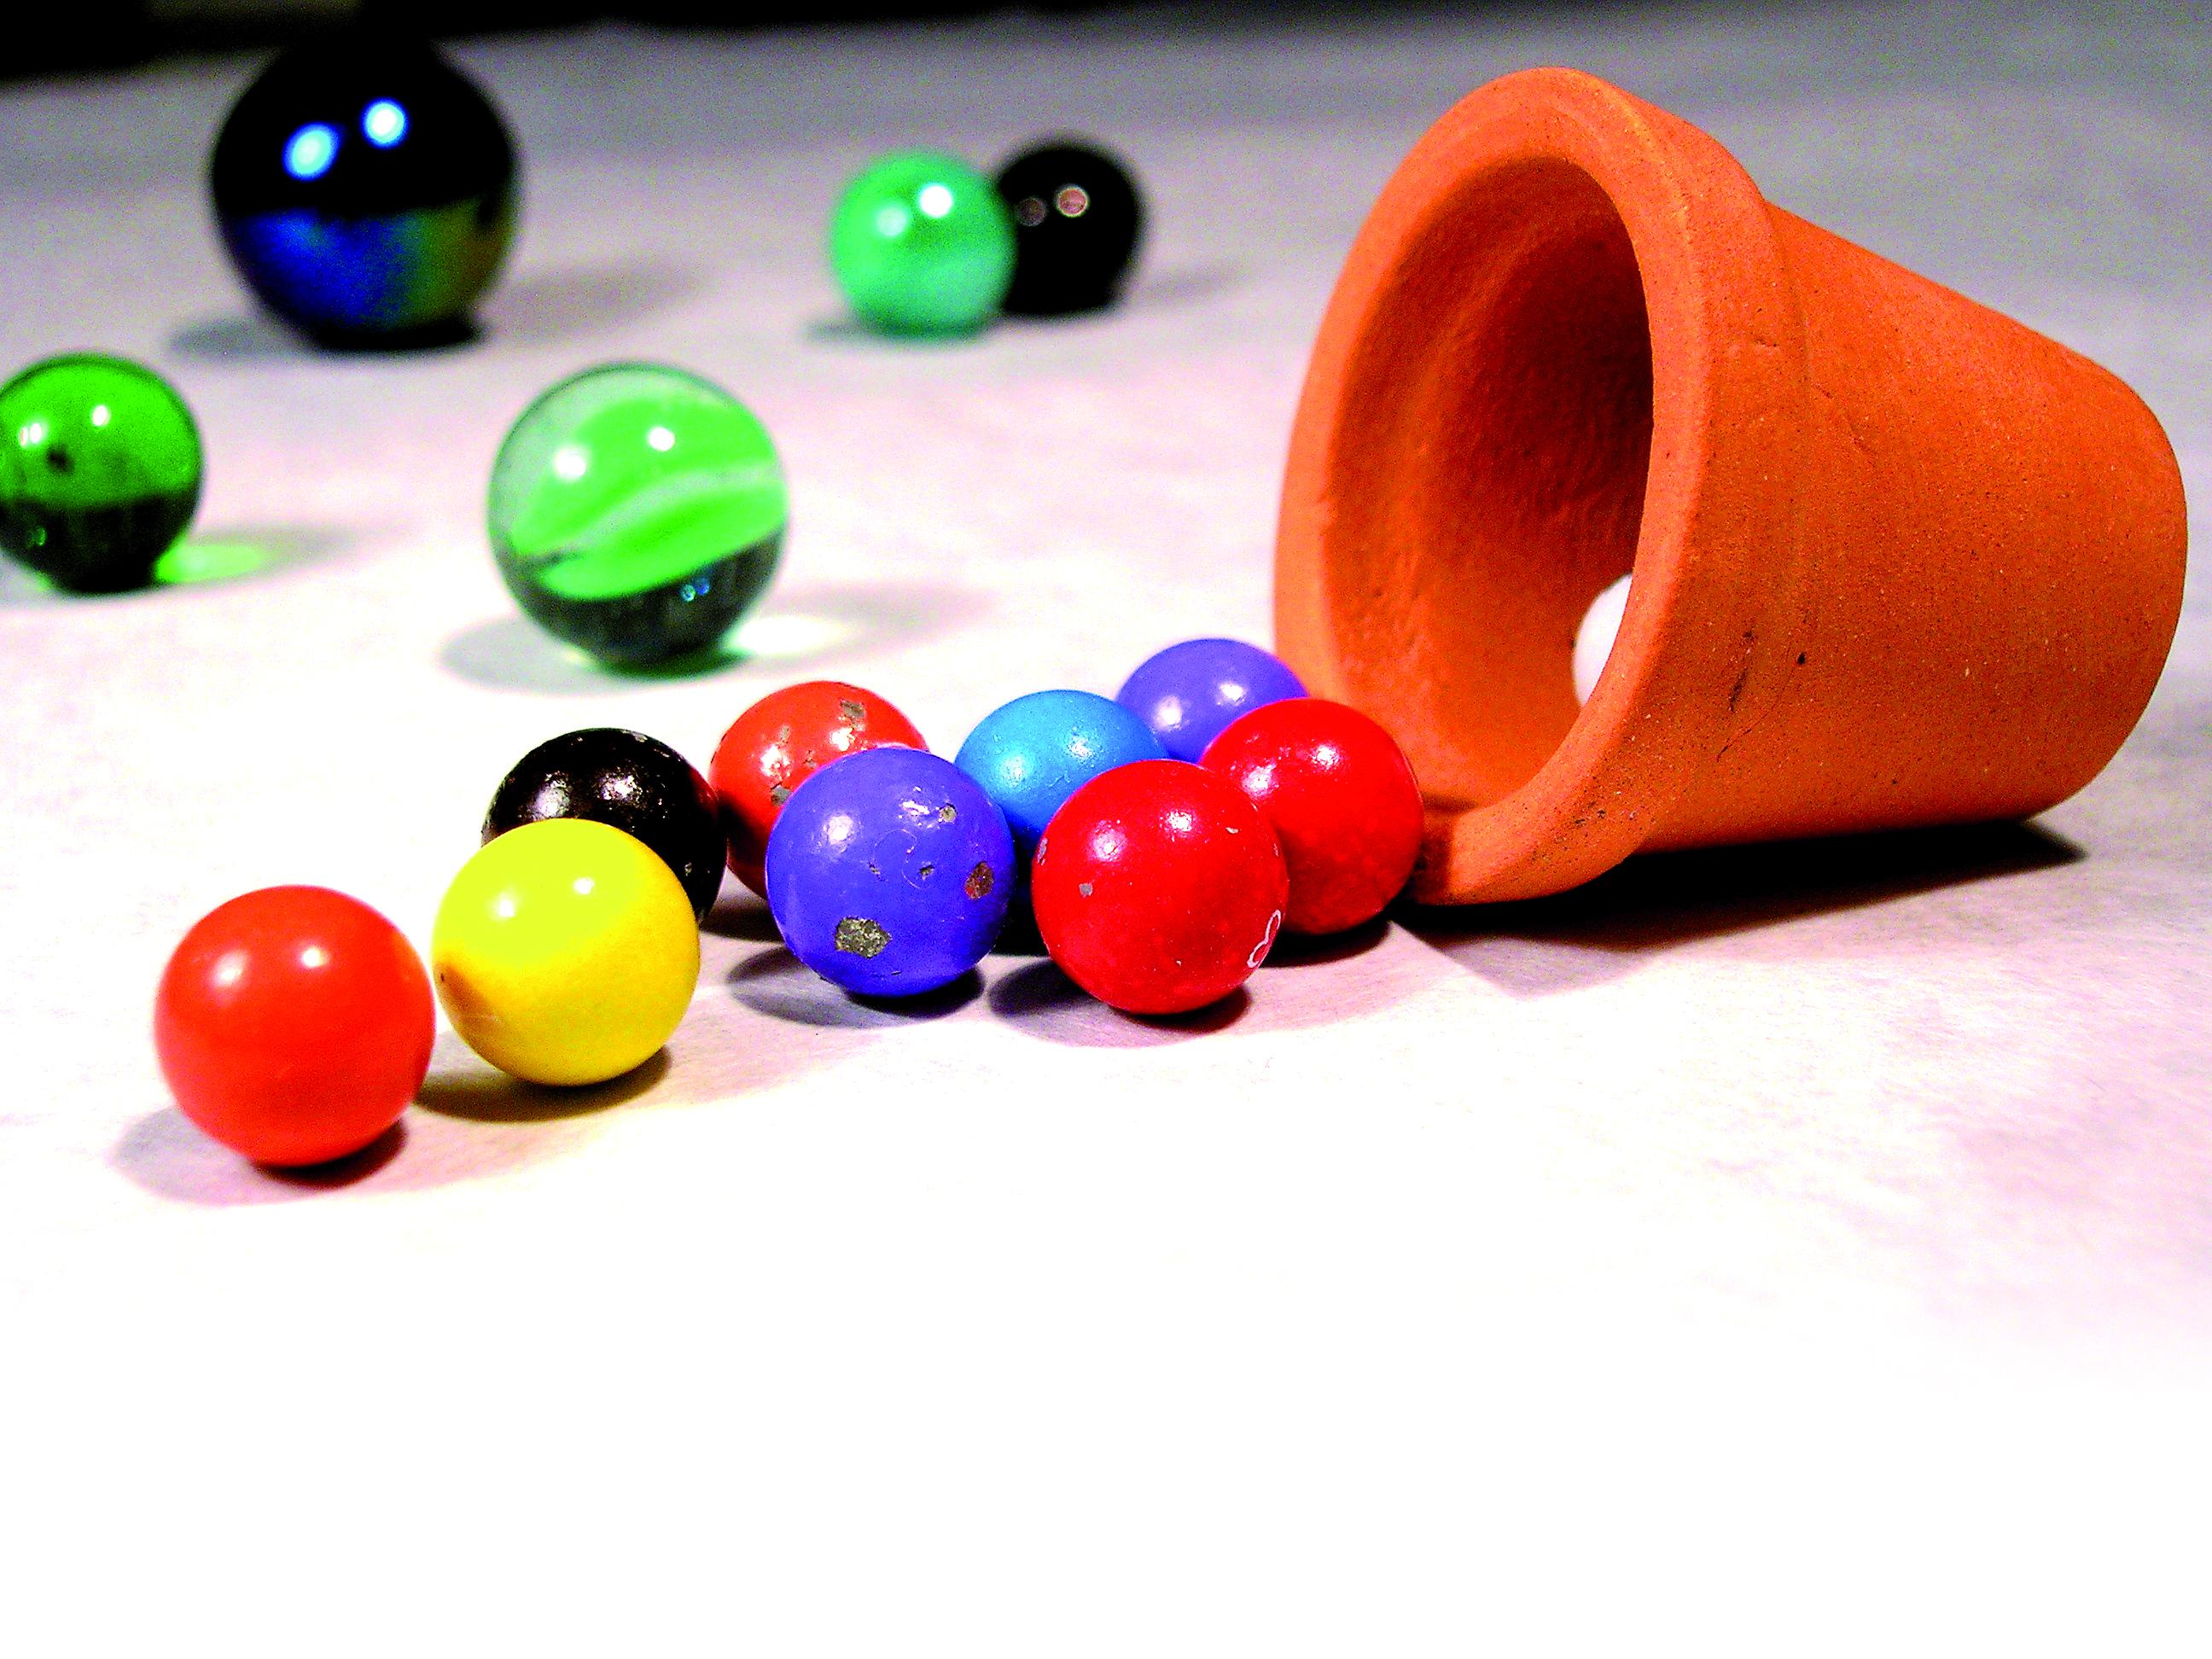 little-balls-1195258